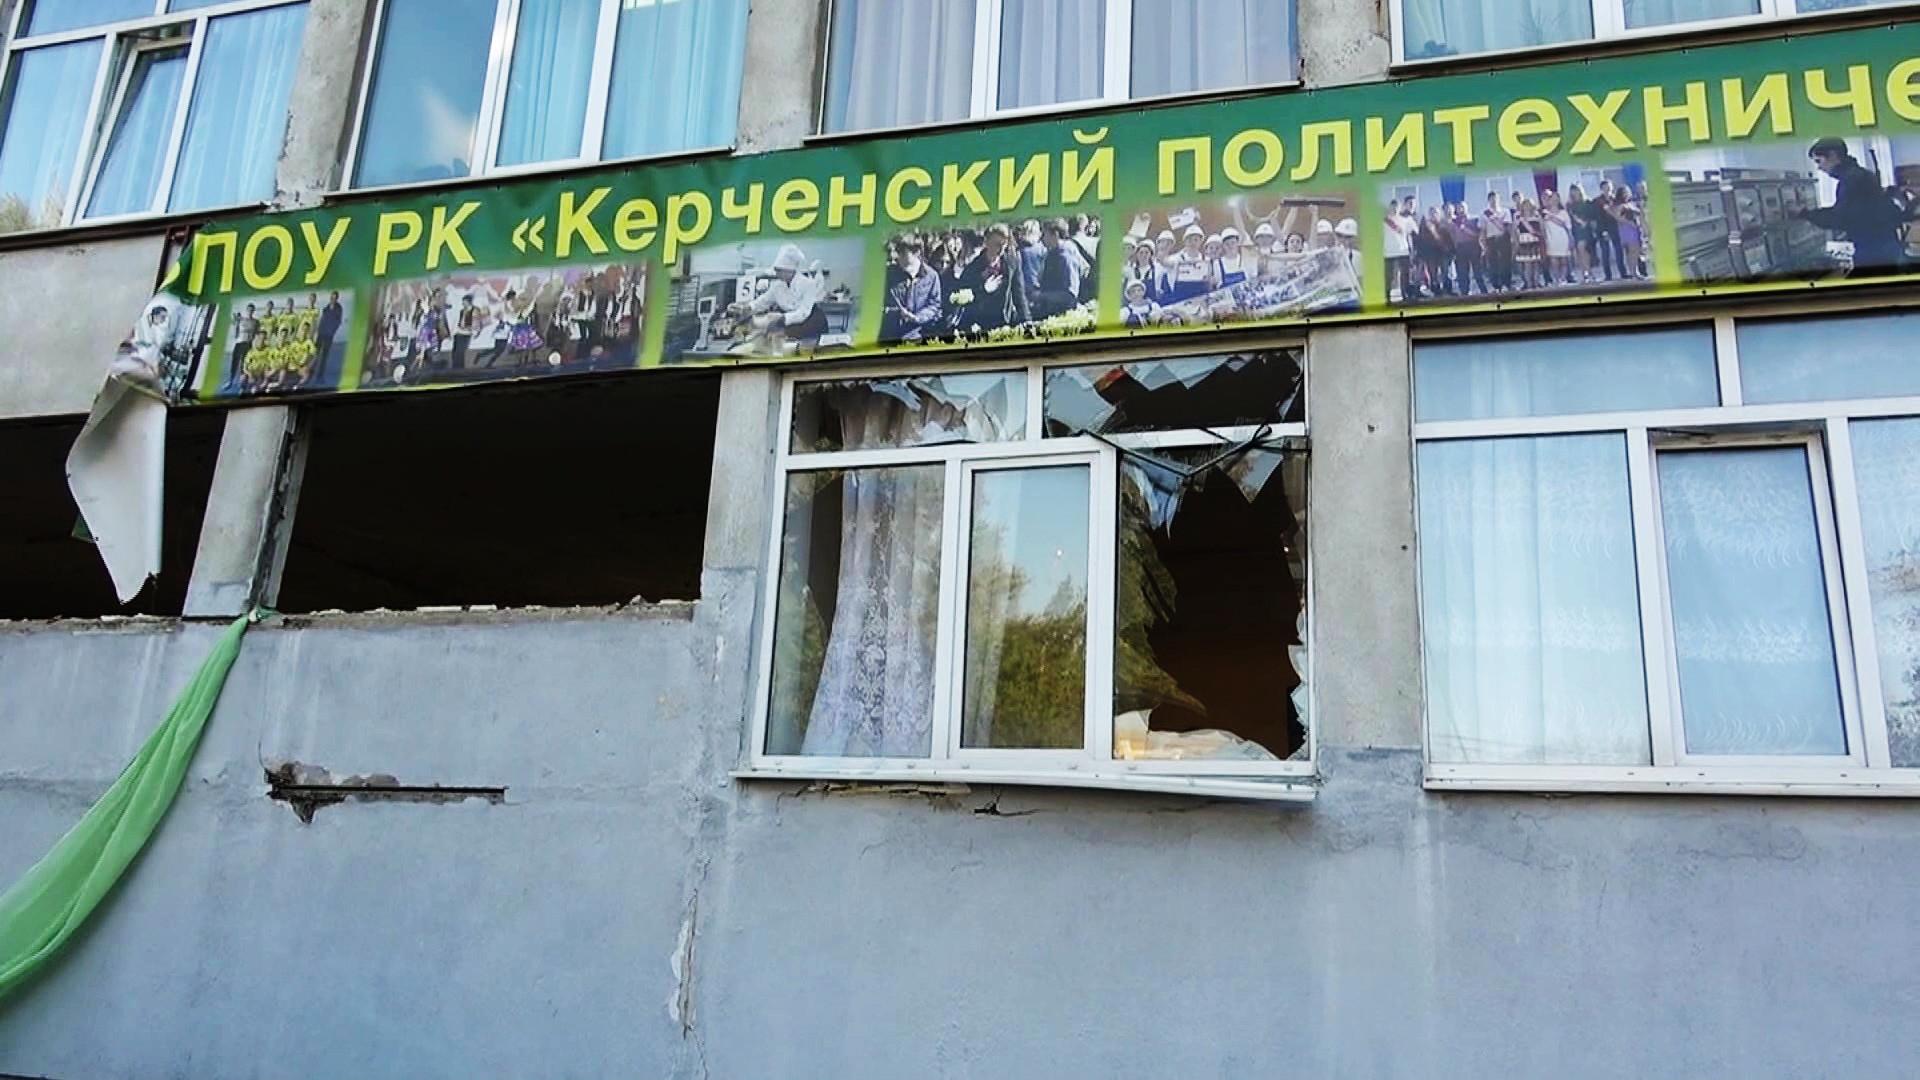 Фото: © РИА Новости / Пресс-служба главы Республики Крым